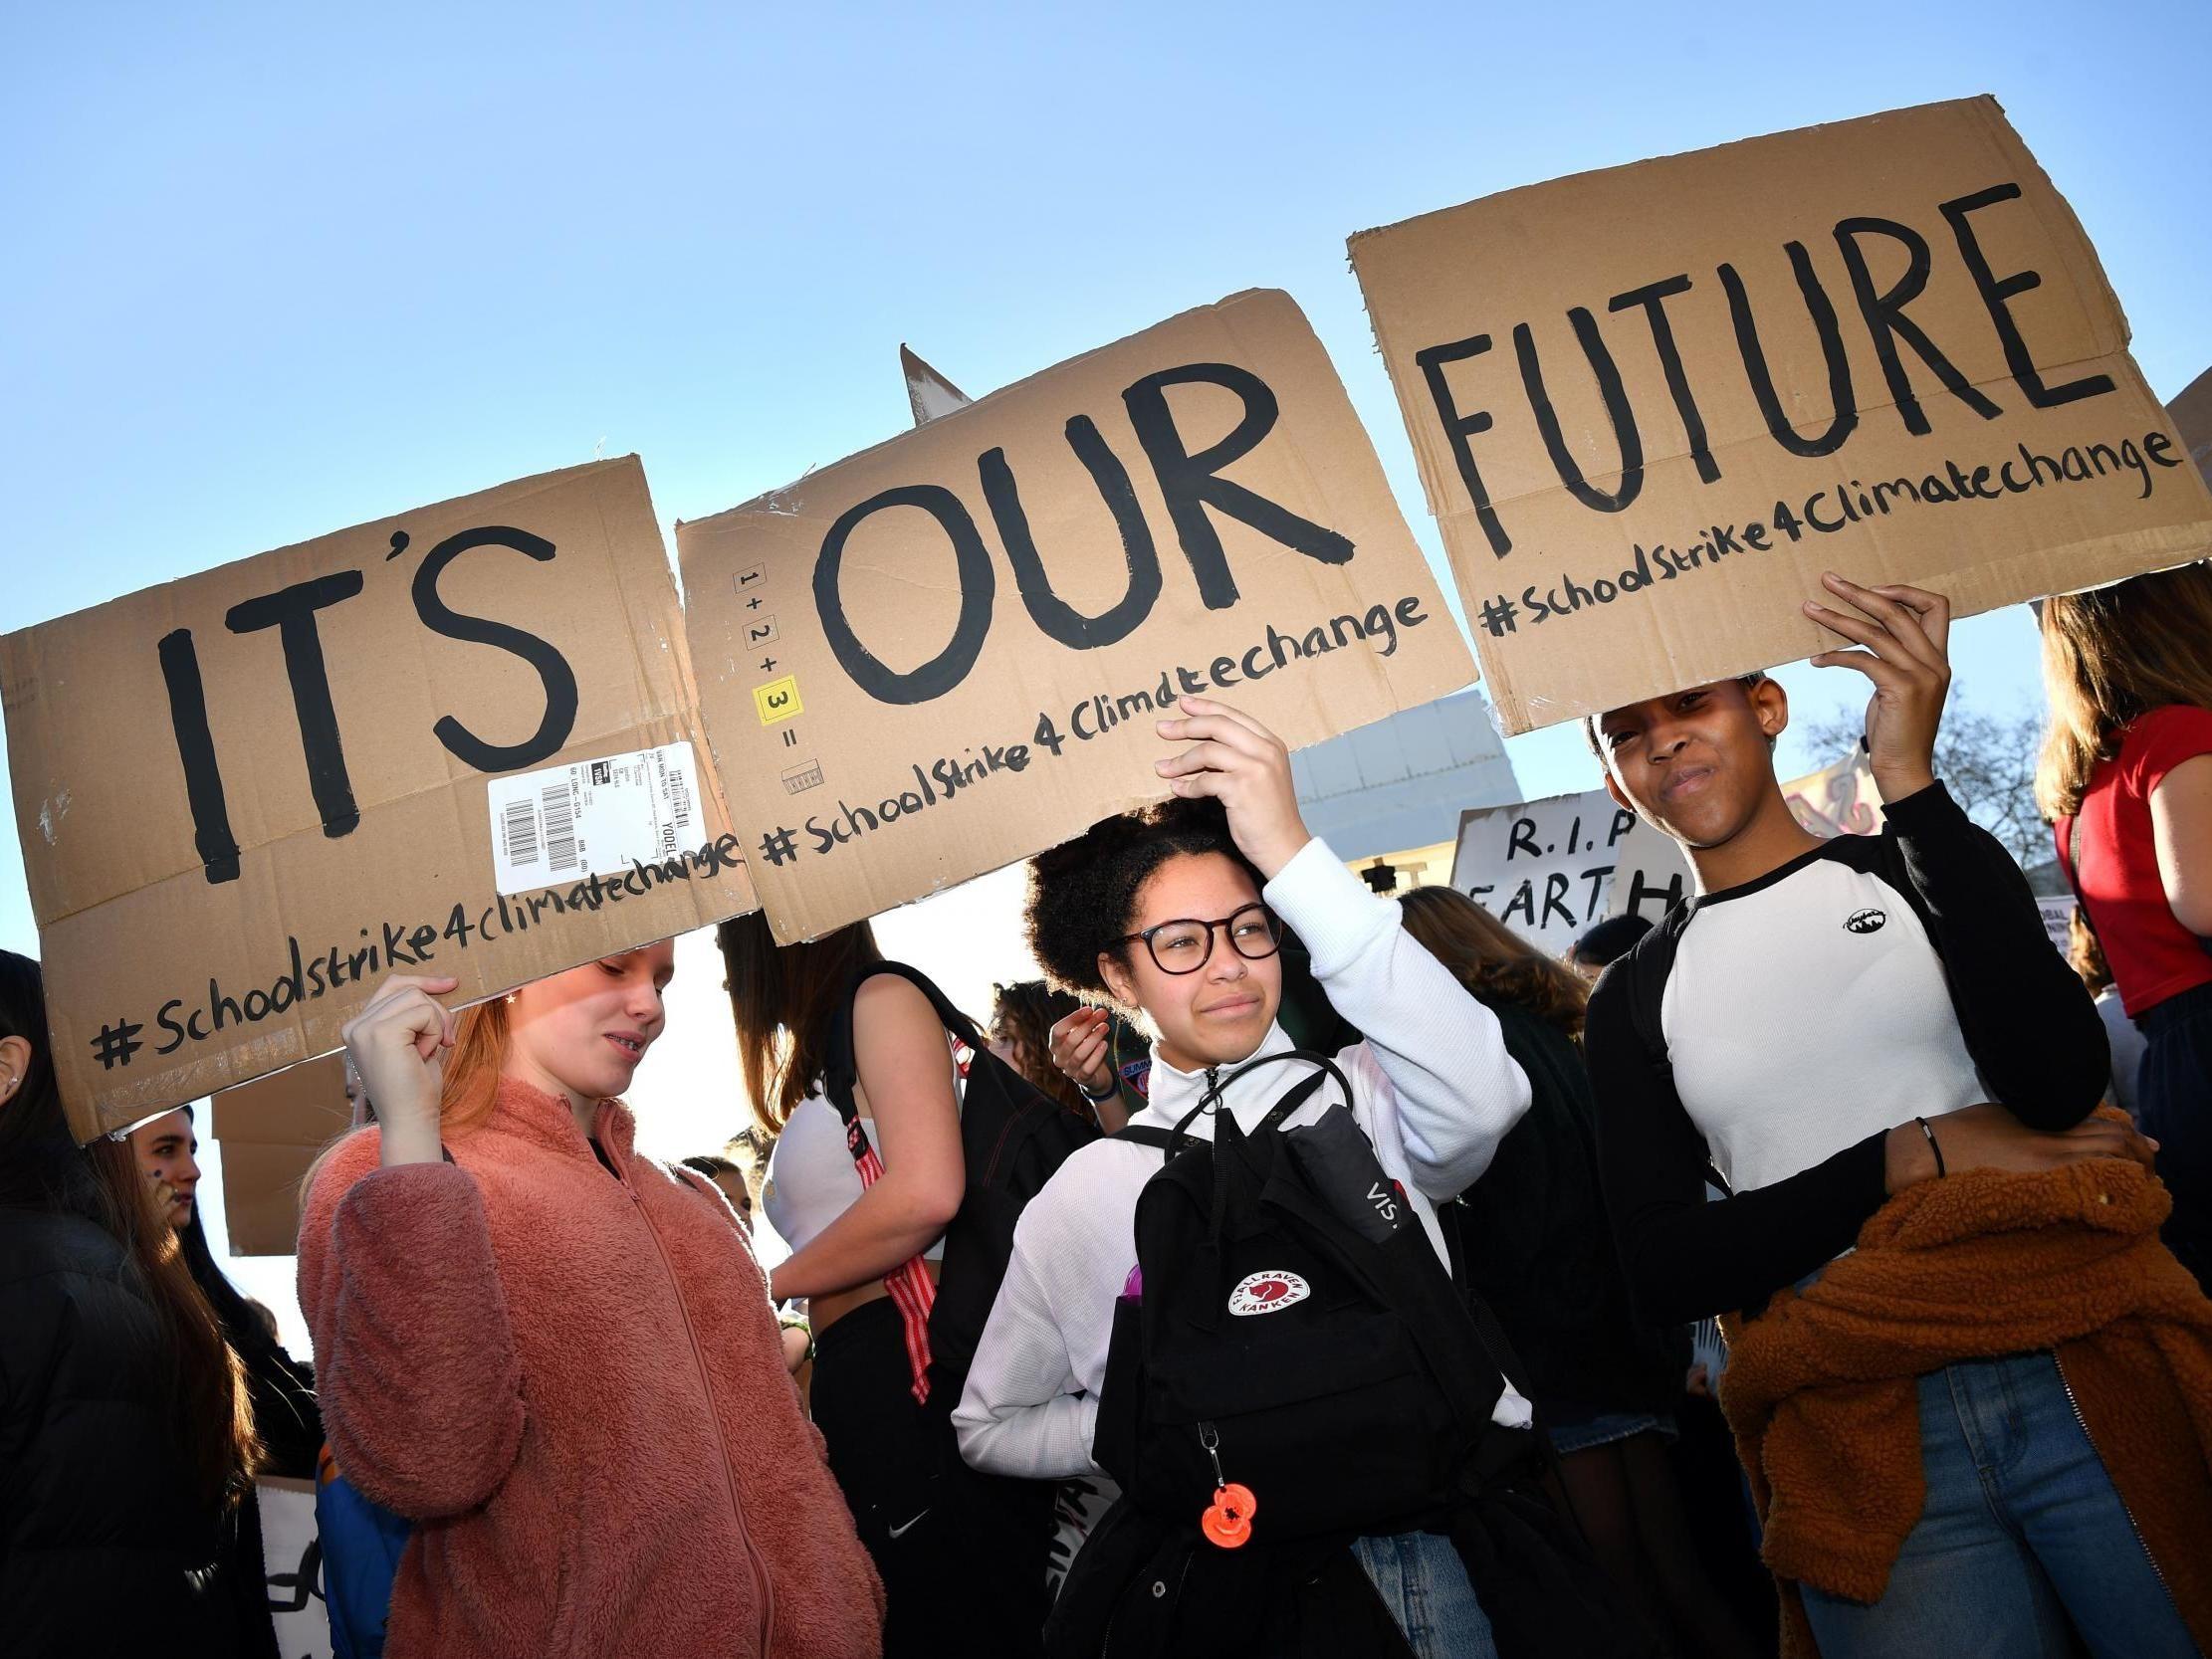 Social Change Workshops for High School Student Activists